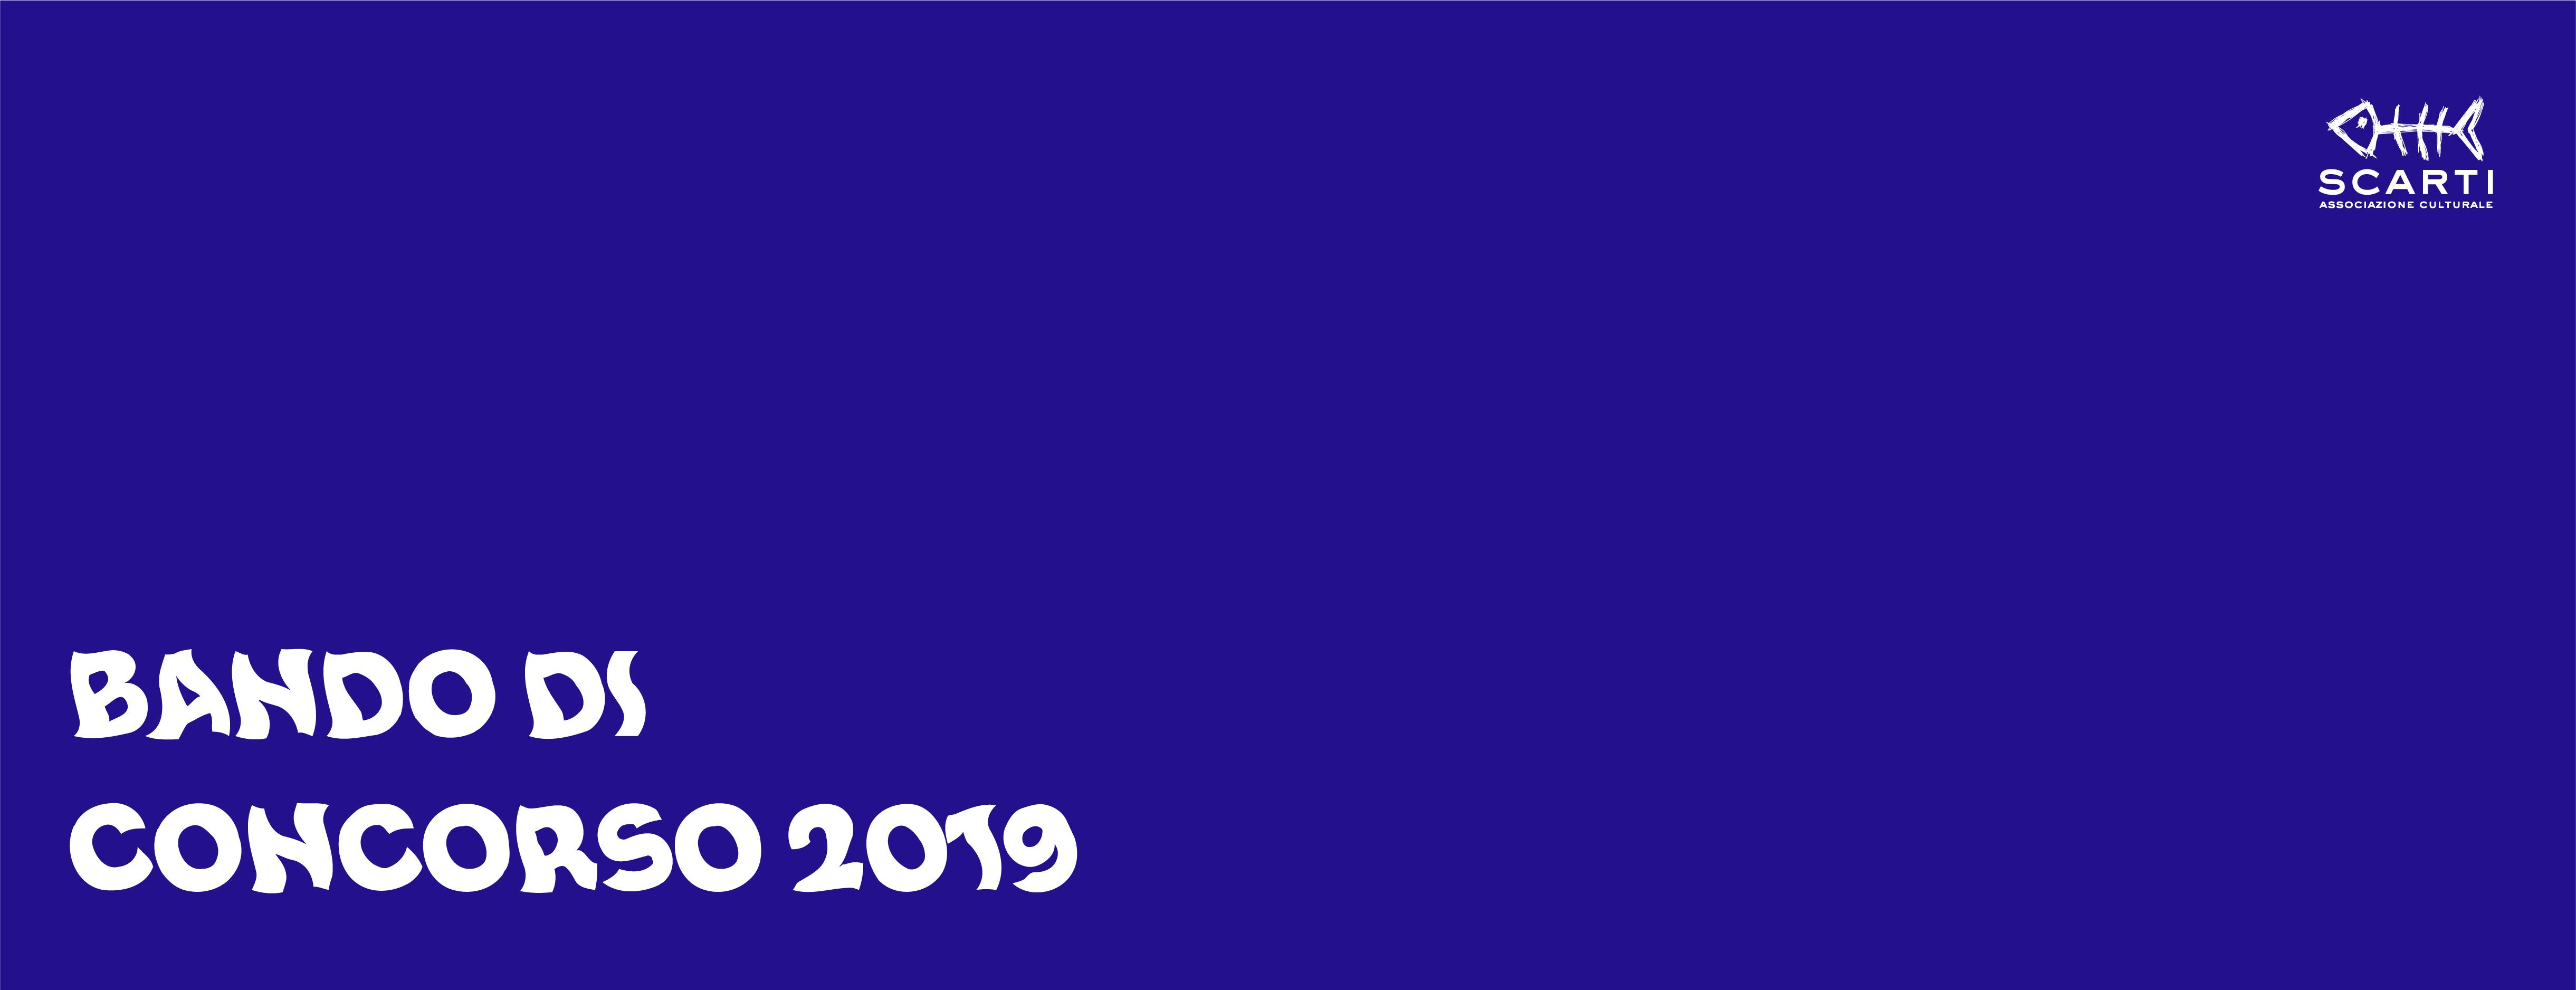 Bando-2019-07